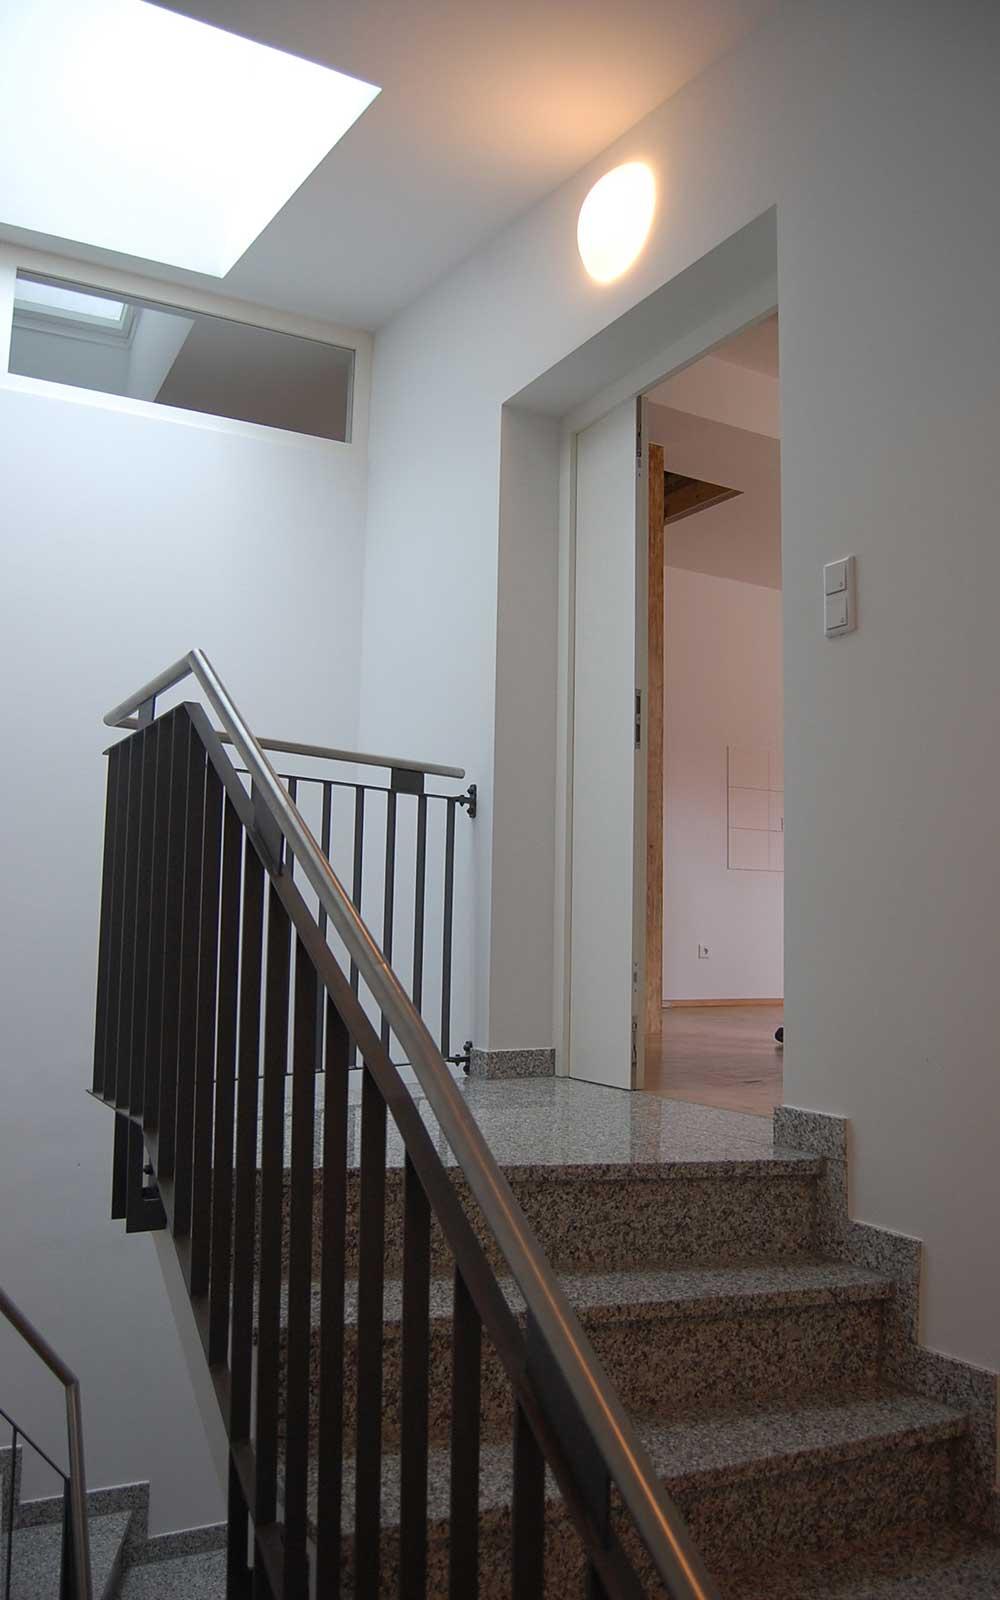 Mehrfamilienhaus Weststadt Heidelberg, Architekten Kochhan und Weckbach